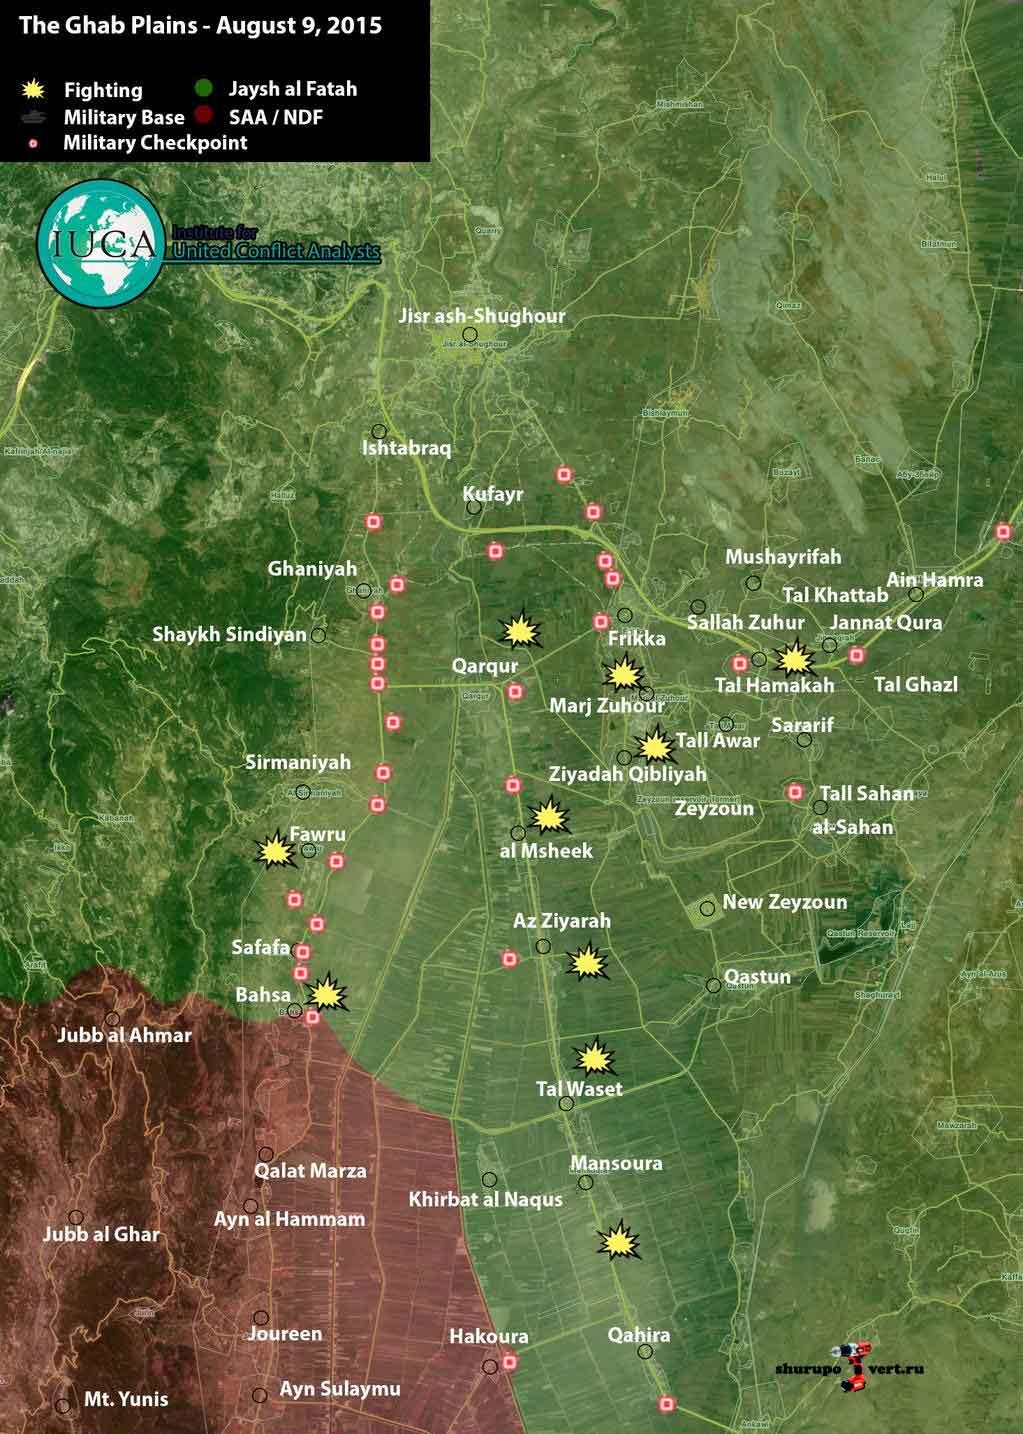 Последняя карта захваченных территорий в результате атаки оппозиции в провинции Идлиб\Хомс